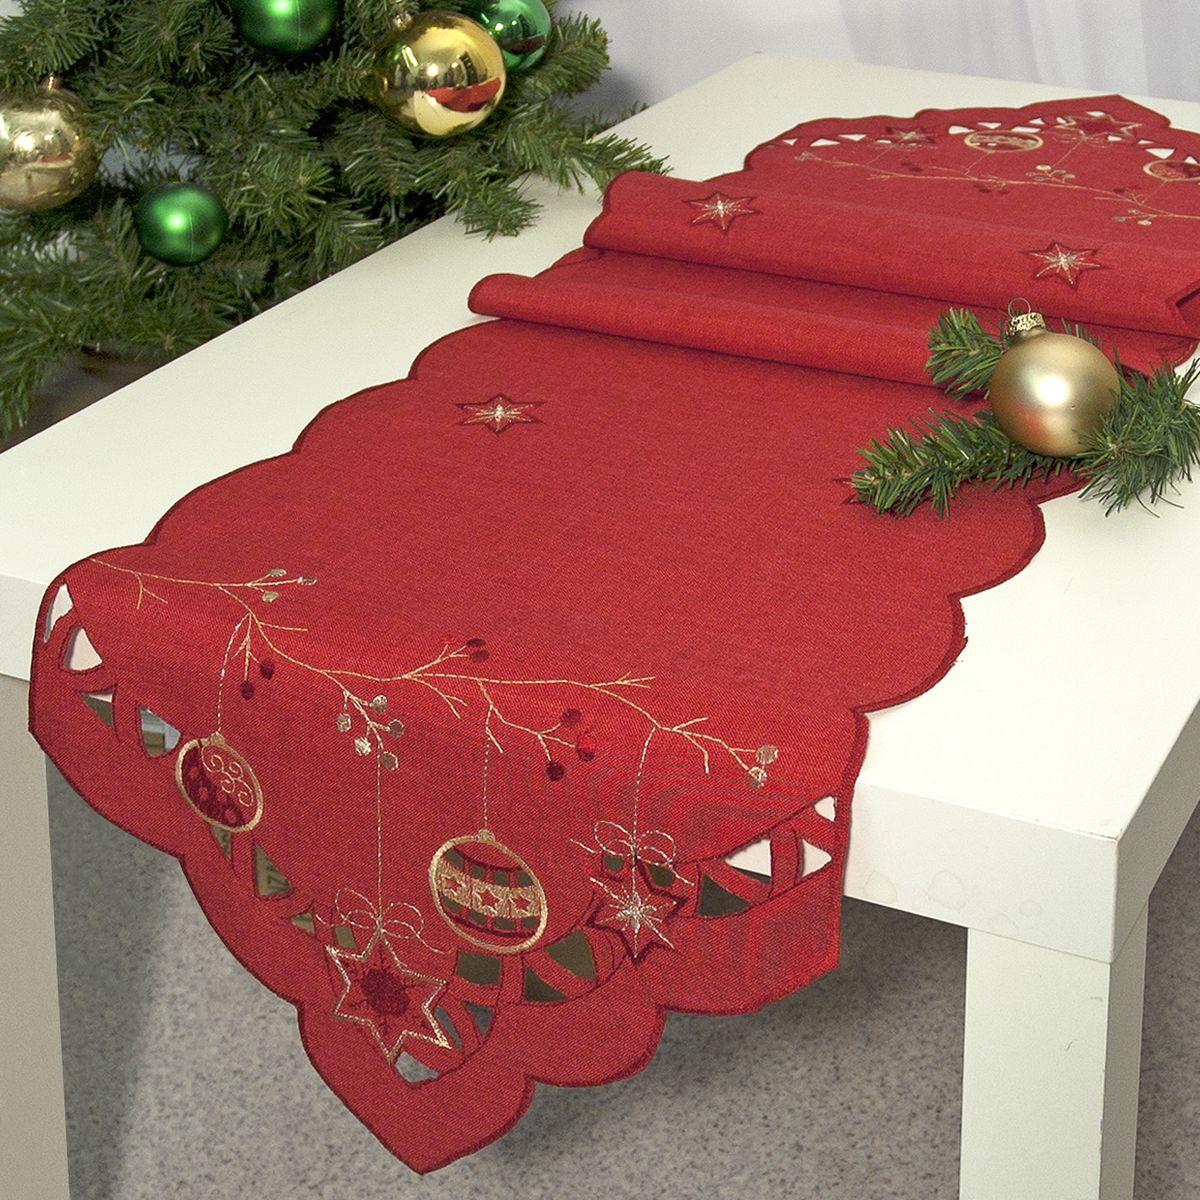 Дорожка для декорирования стола Schaefer, цвет: красный, бежевый, 35 х 170 см. 07393-34107393-341Дорожка Schaefer, выполненная из 100% полиэстера, станет изысканным украшением интерьера. Такую дорожку можно использовать для украшения комодов, тумб и столов. За текстилем из полиэстера очень легко ухаживать: он легко стирается, не мнется, не садится и быстро сохнет, более долговечен, чем текстиль из натуральных волокон. Дорожка Schaefer изящно дополнит интерьер вашего дома. Размер дорожки: 35 х 170 см.